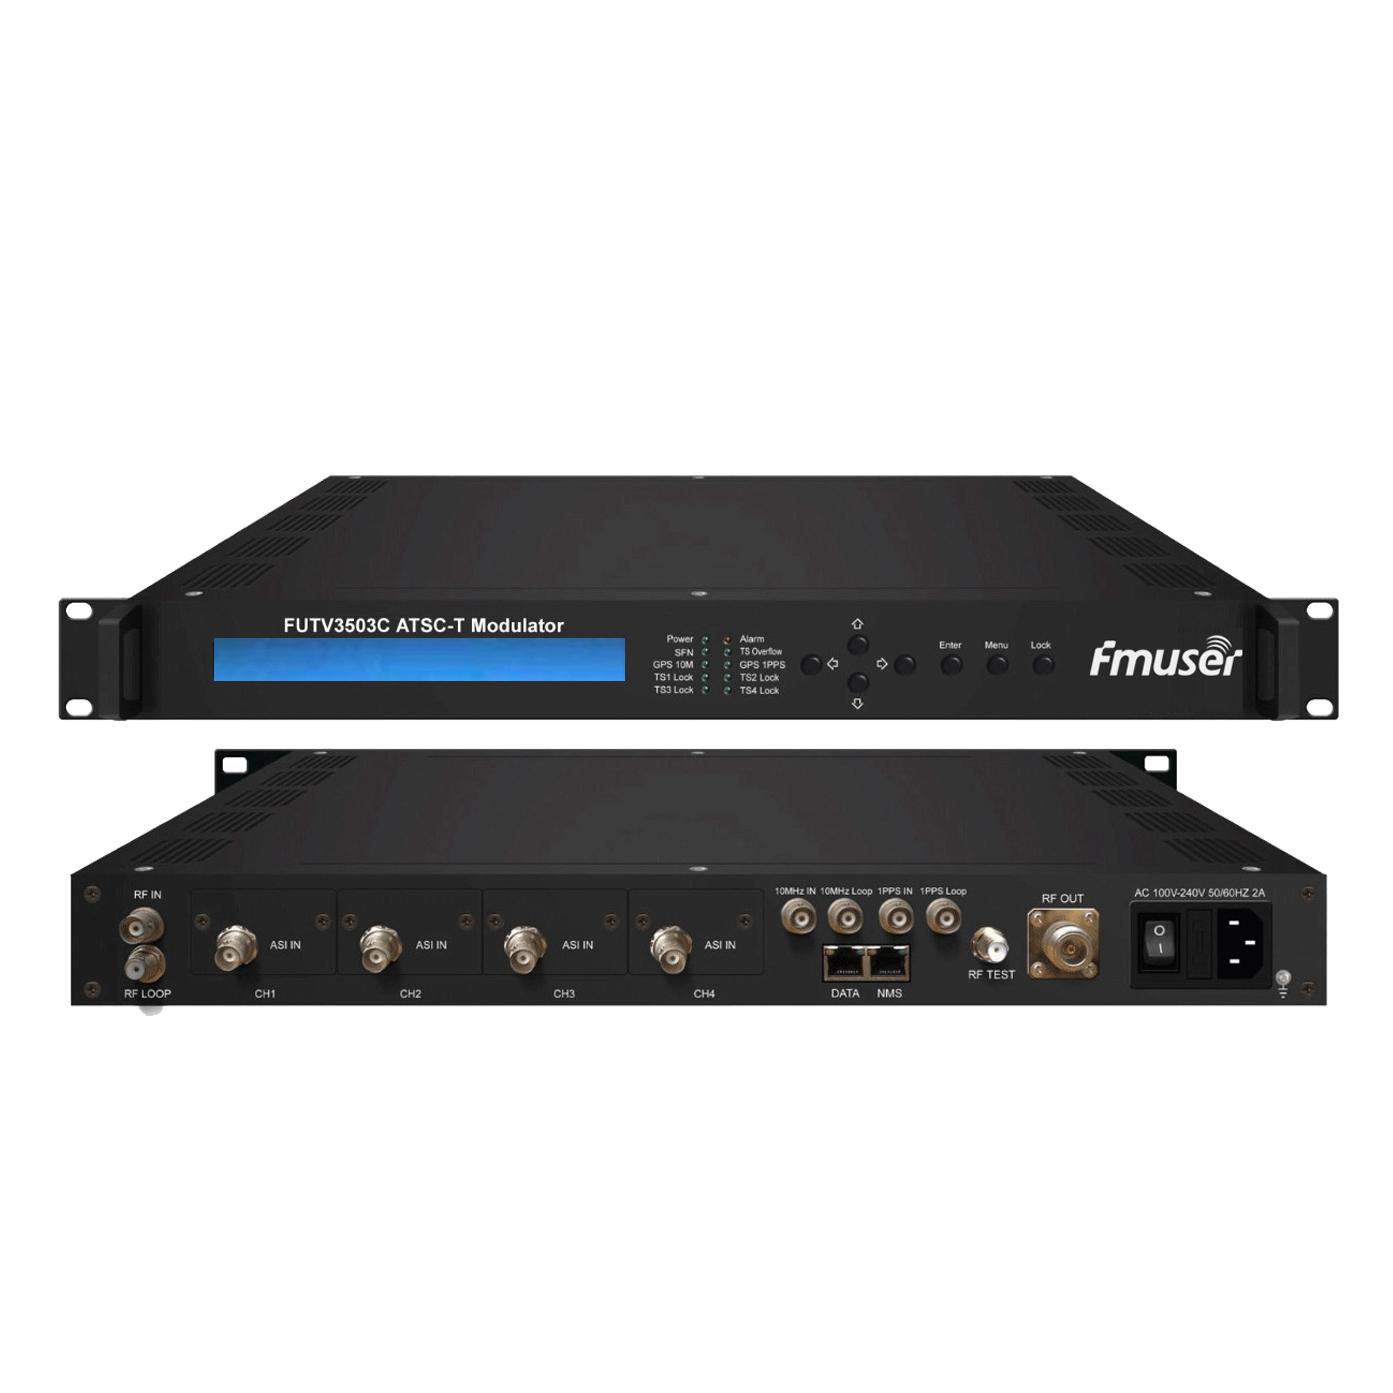 Fmuser FUTV3503C ATSC-T 8VSB moduleta 8-VSB kwa RF modulering (2 * ASI / 2 * SMPTE 310M pembejeo, RF ontput, ATSC 8VSB modulering) na usimamizi Network